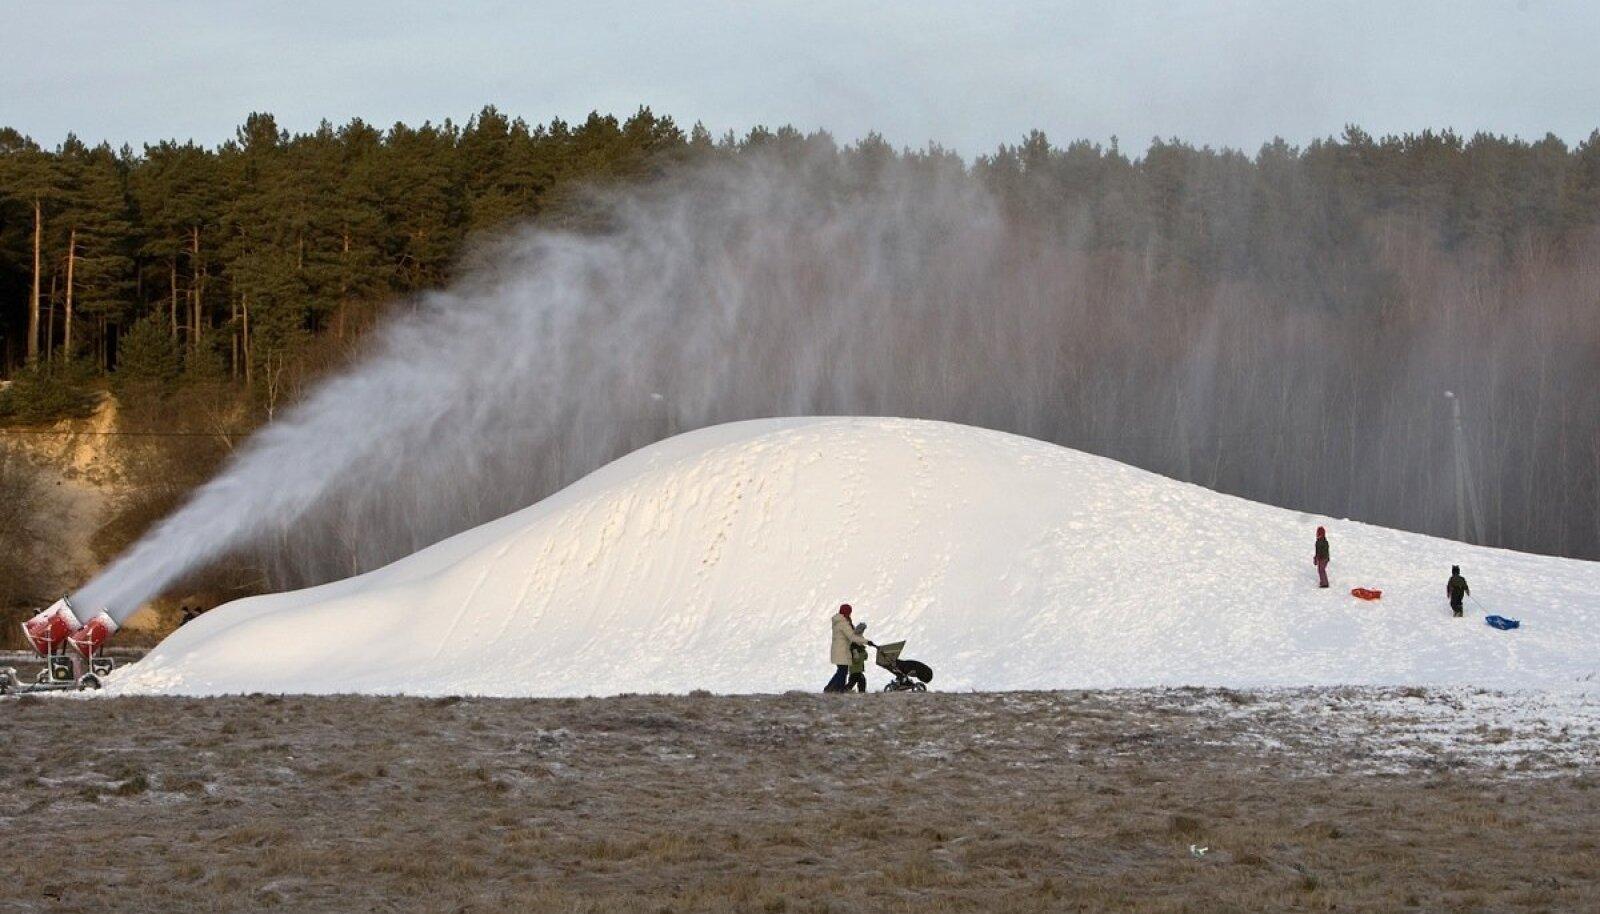 Siiani on talve päästnud lumekahurid, aga nüüd pole neistki abi.